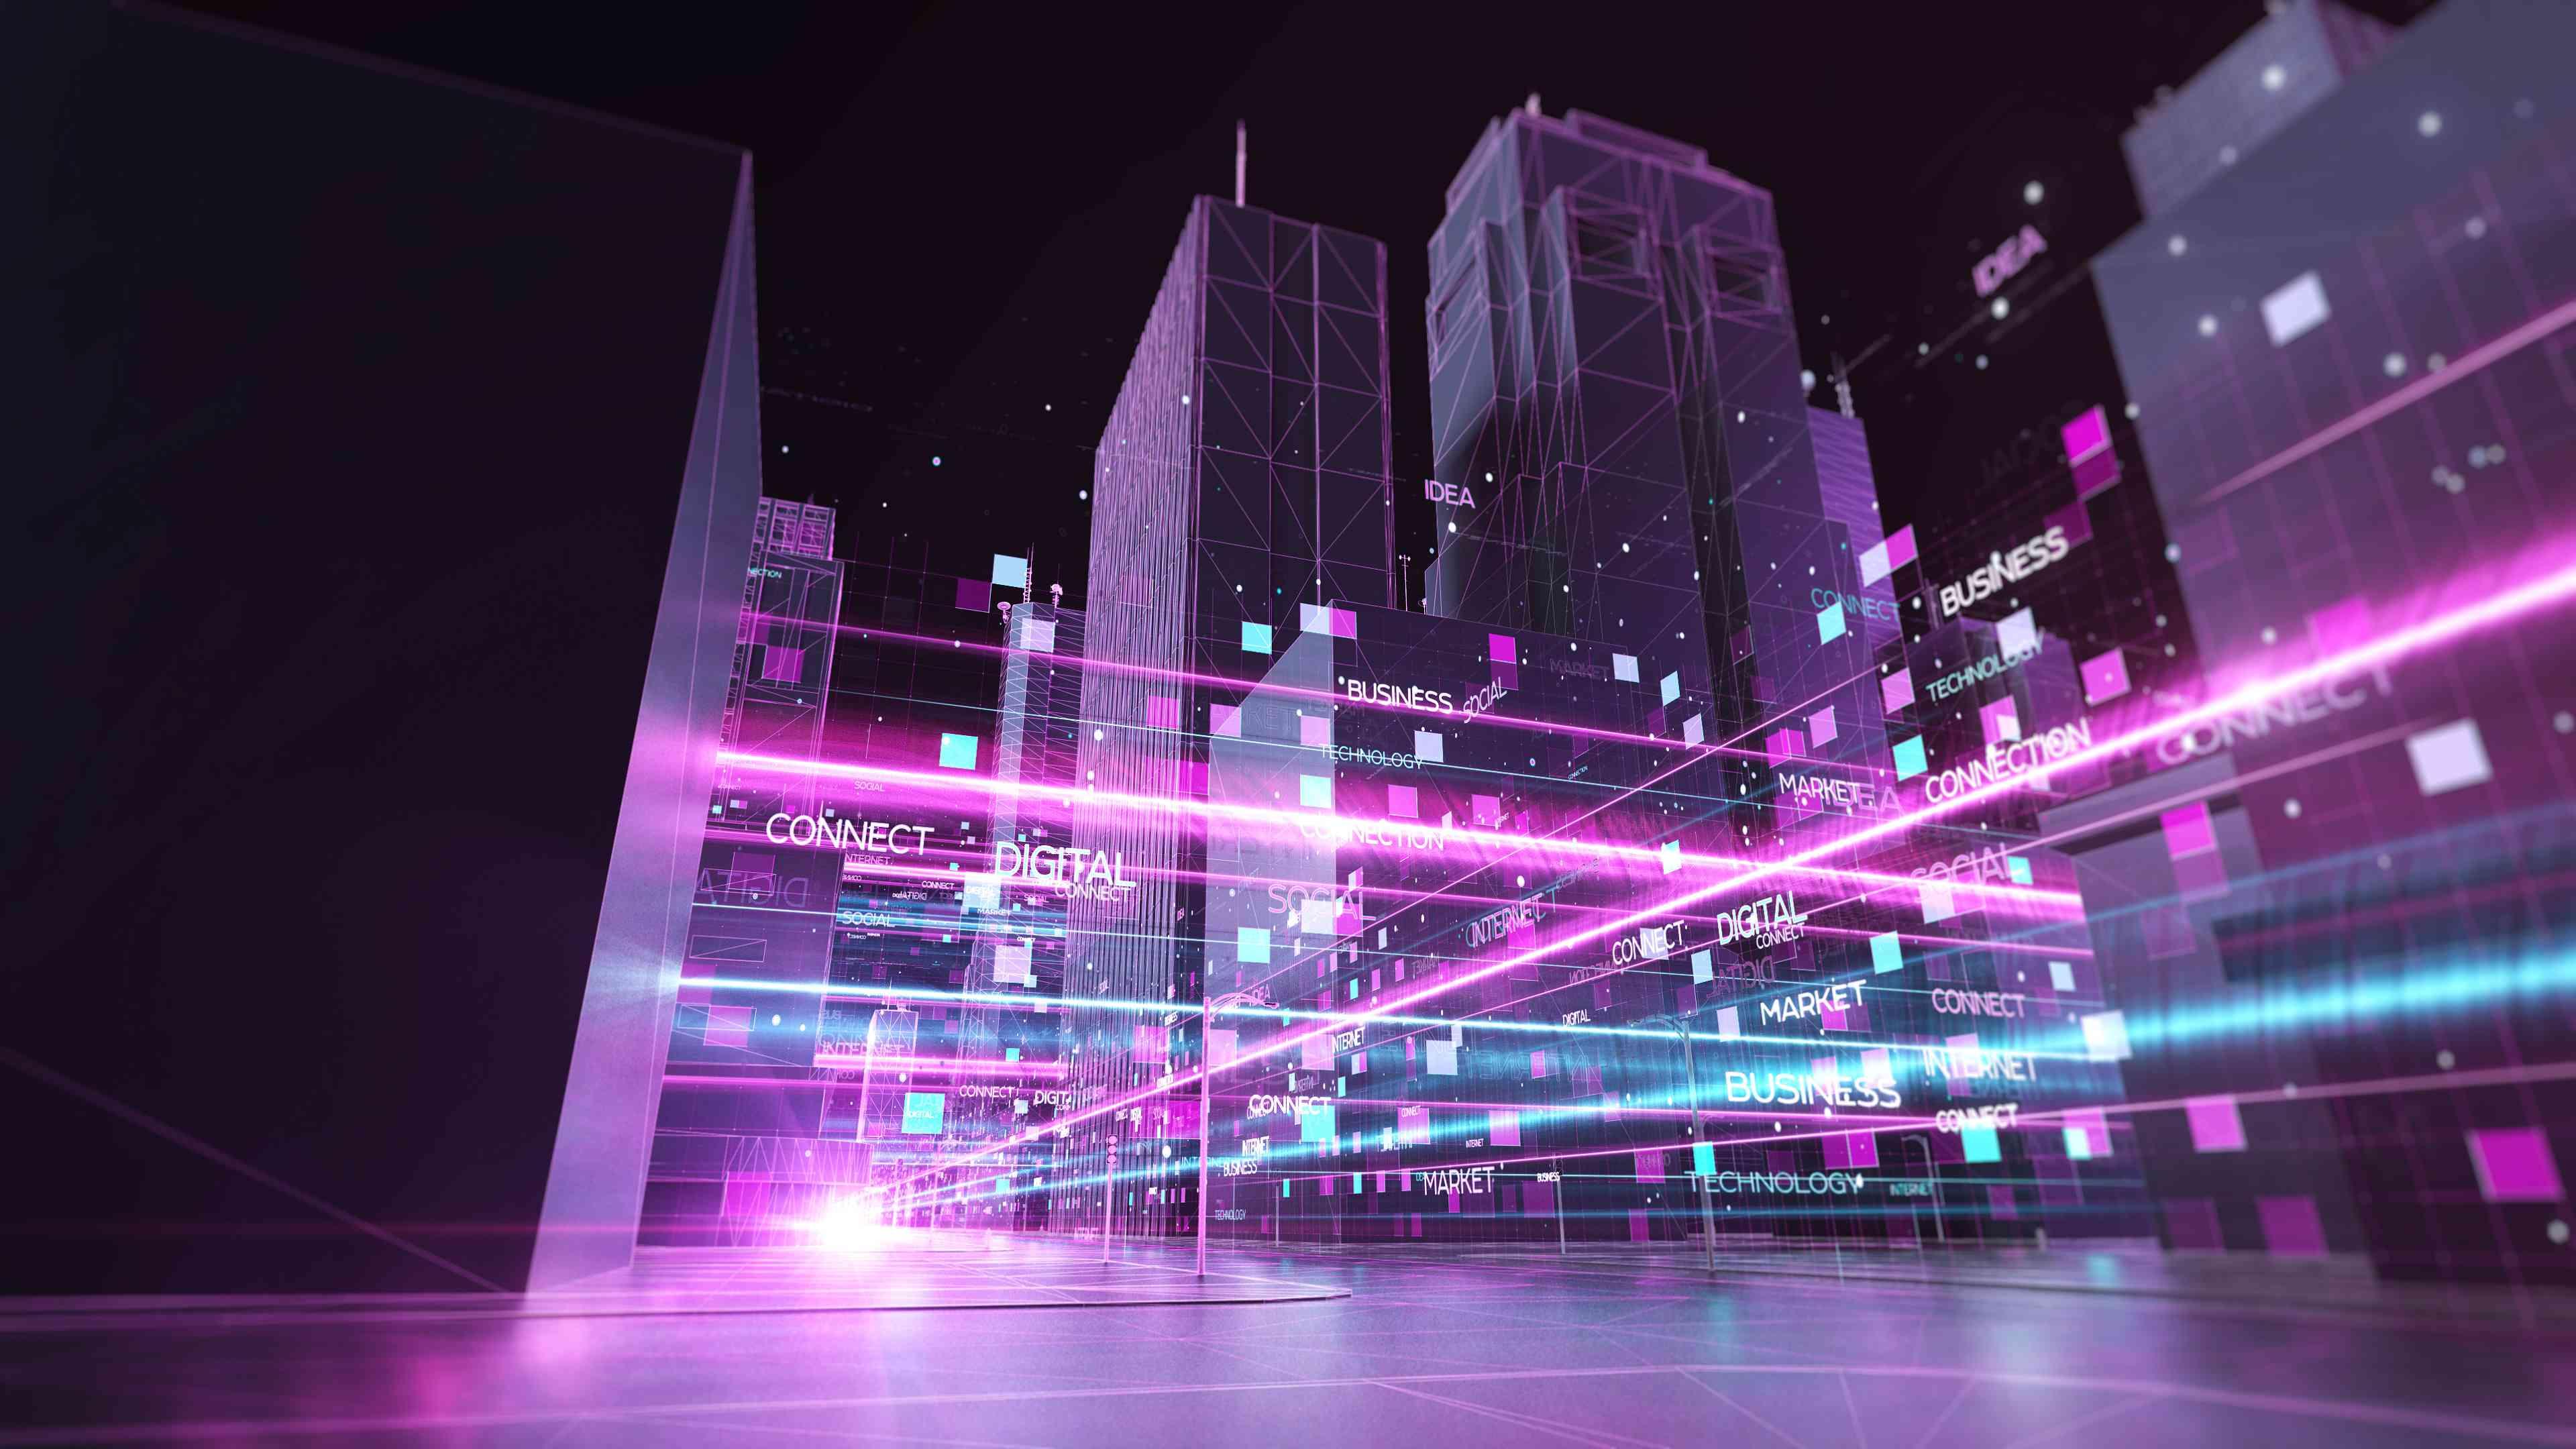 Evolution de l'environnement des métiers des télécommunications liée à l'intégration des technologies émergentes du numérique, impacts sur le poste de travail et les gestes métiers